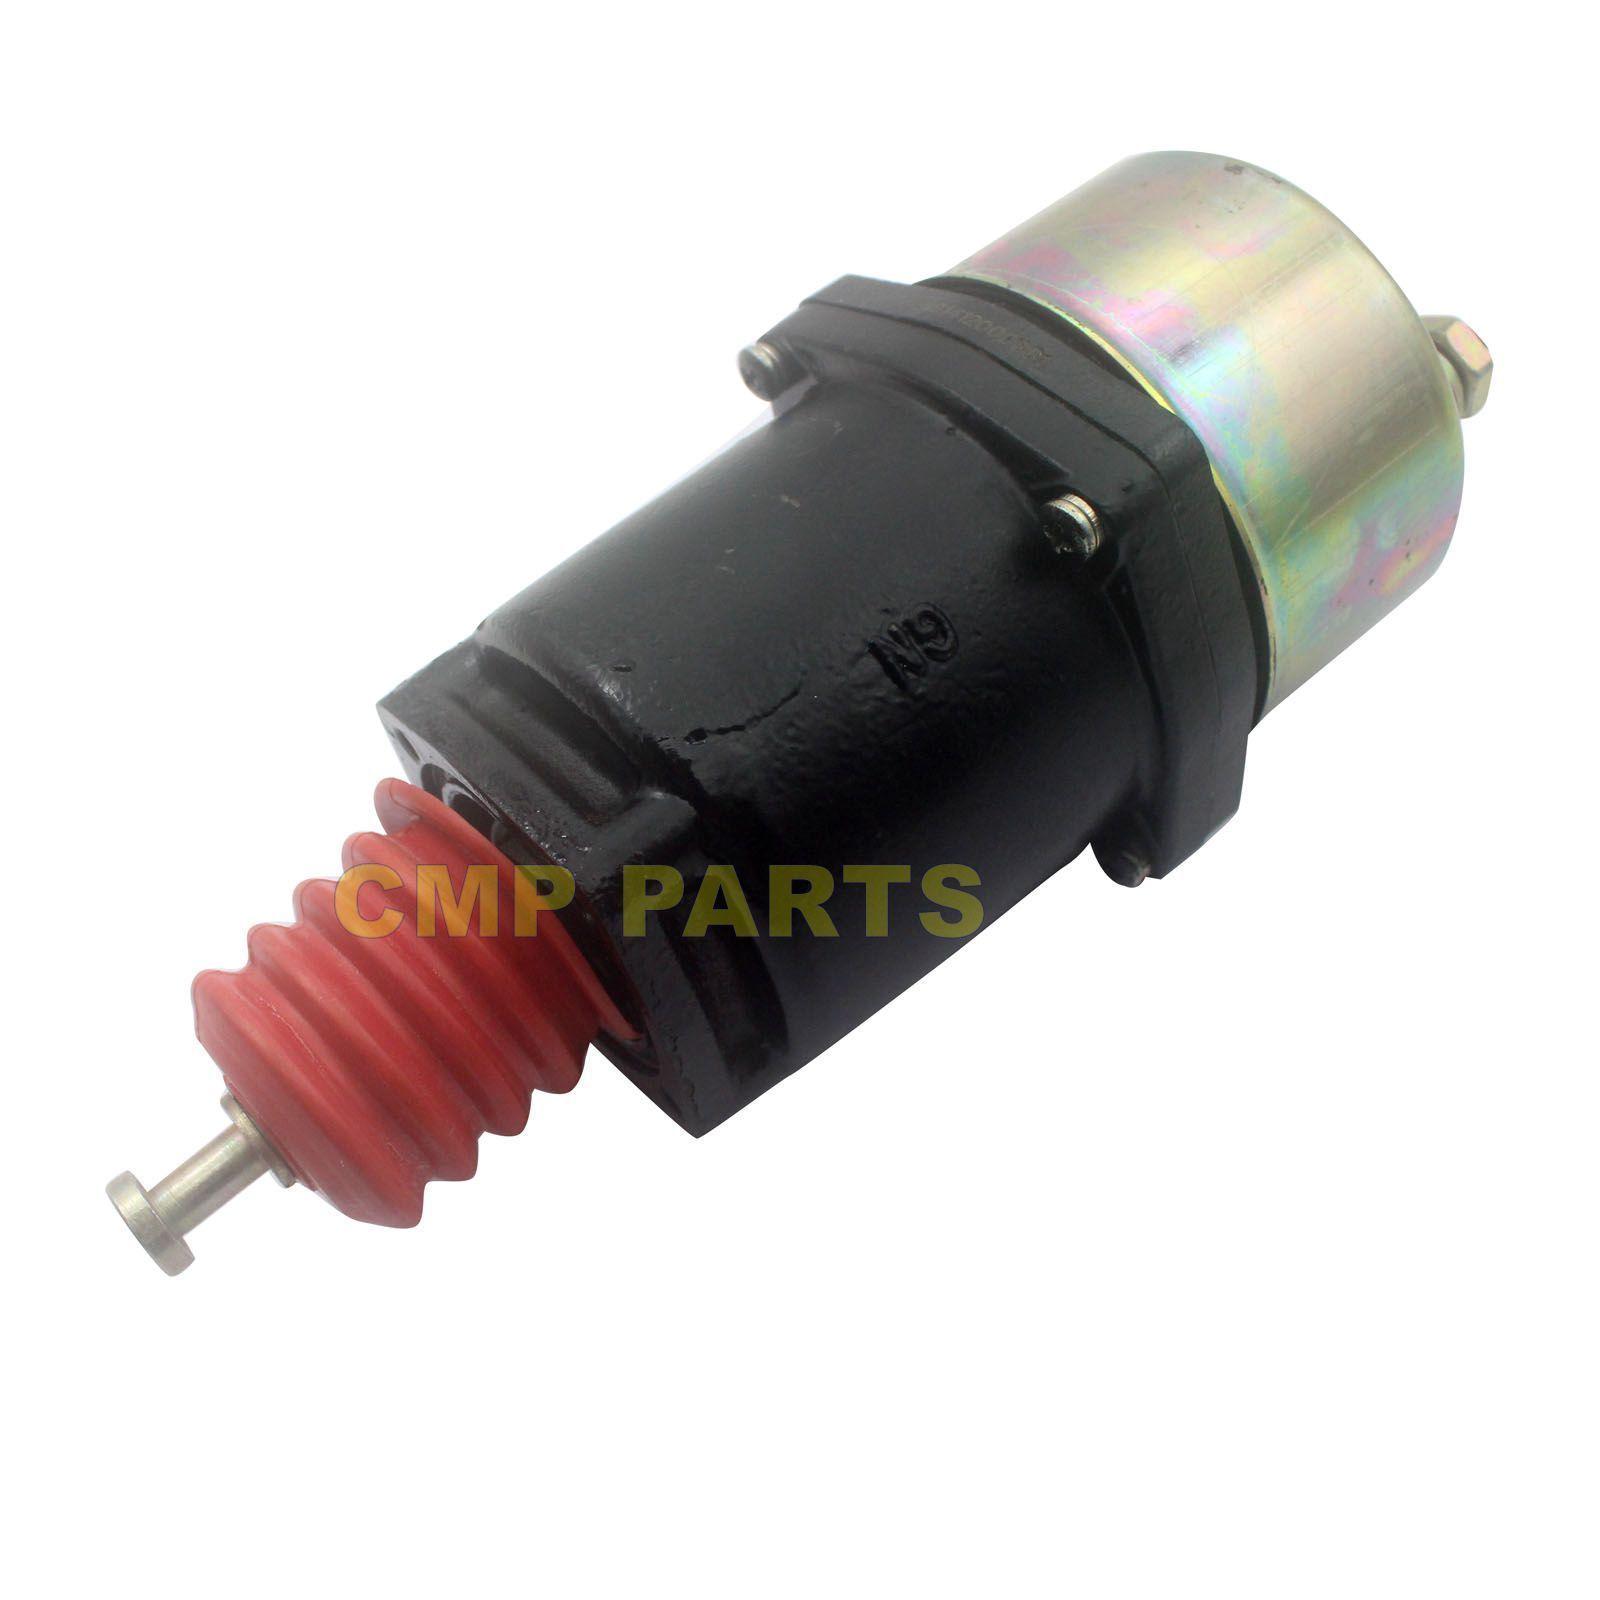 Water Temperature Sensor 34390-02200 for Excavator 320C E320C SINOCMP Parts